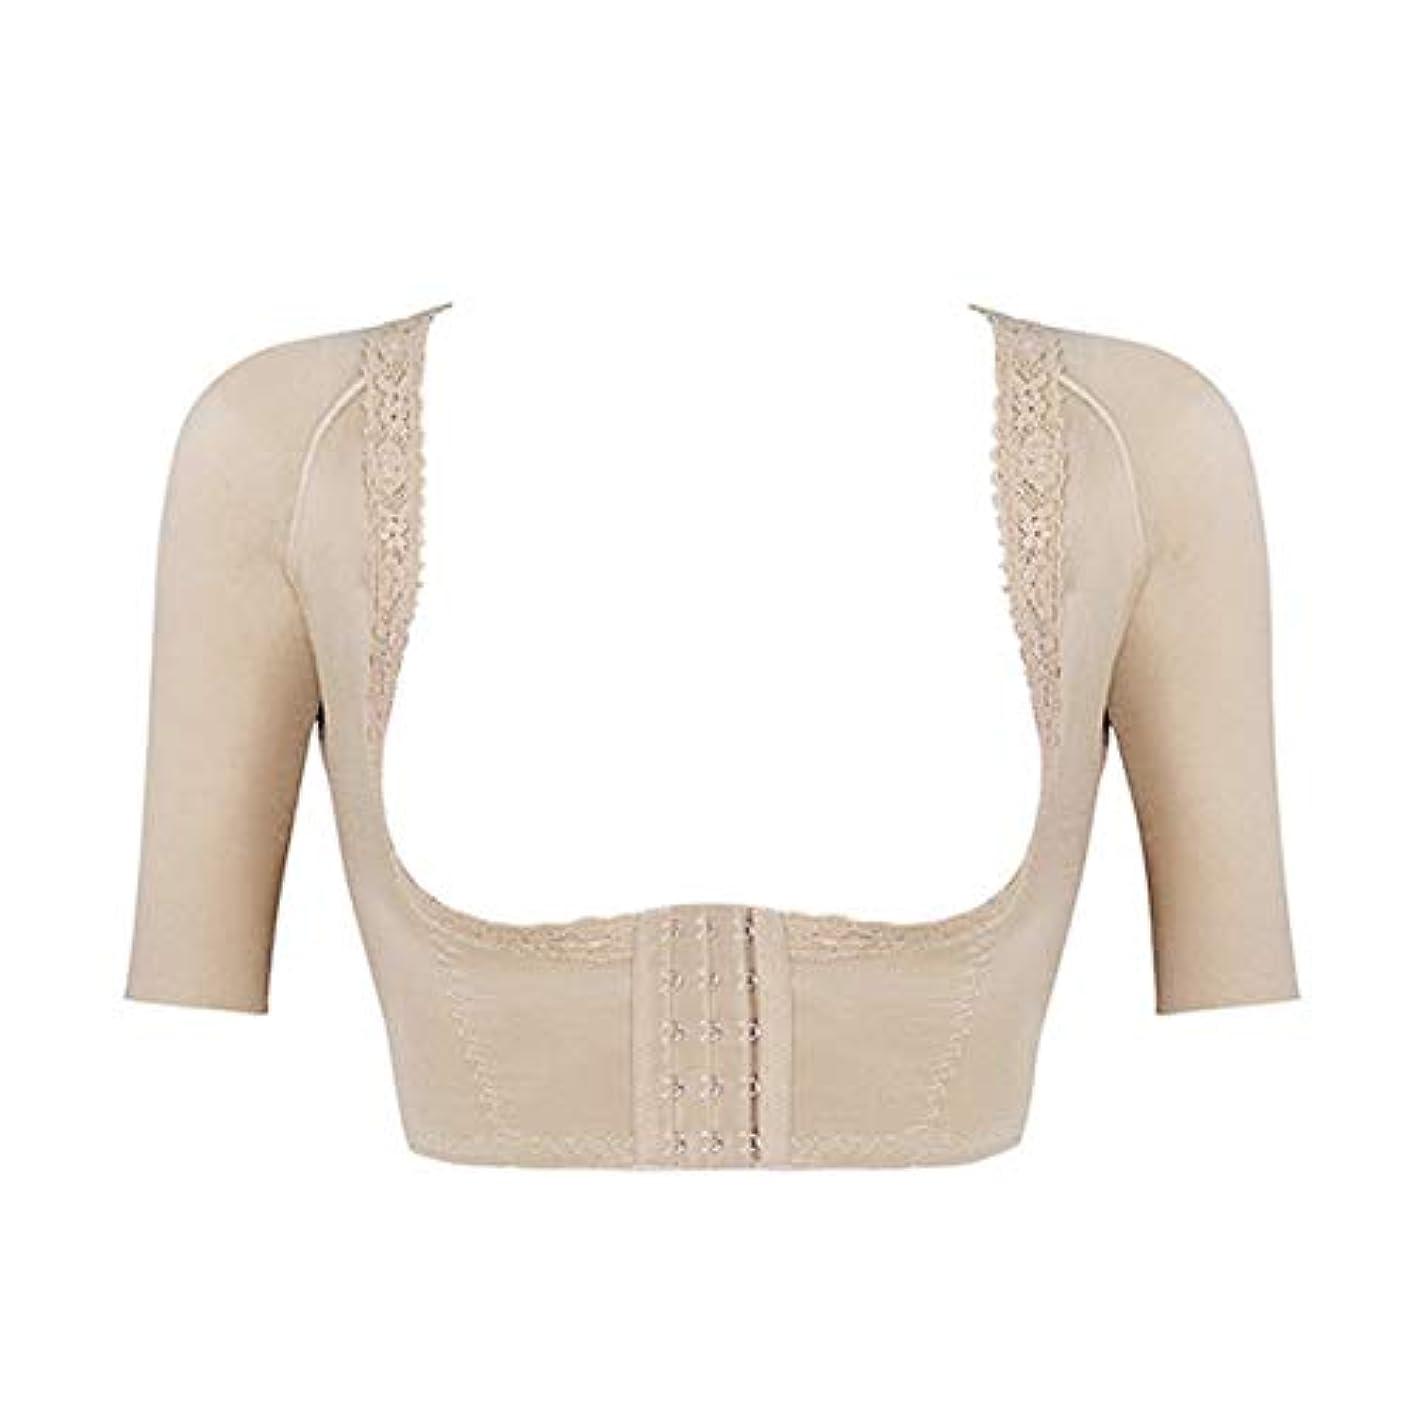 没頭する健全セクタ女性のボディシェイパートップス快適な女性の腕の脂肪燃焼乳房リフトシェイプウェアスリムトレーナーコルセット-スキンカラー-70